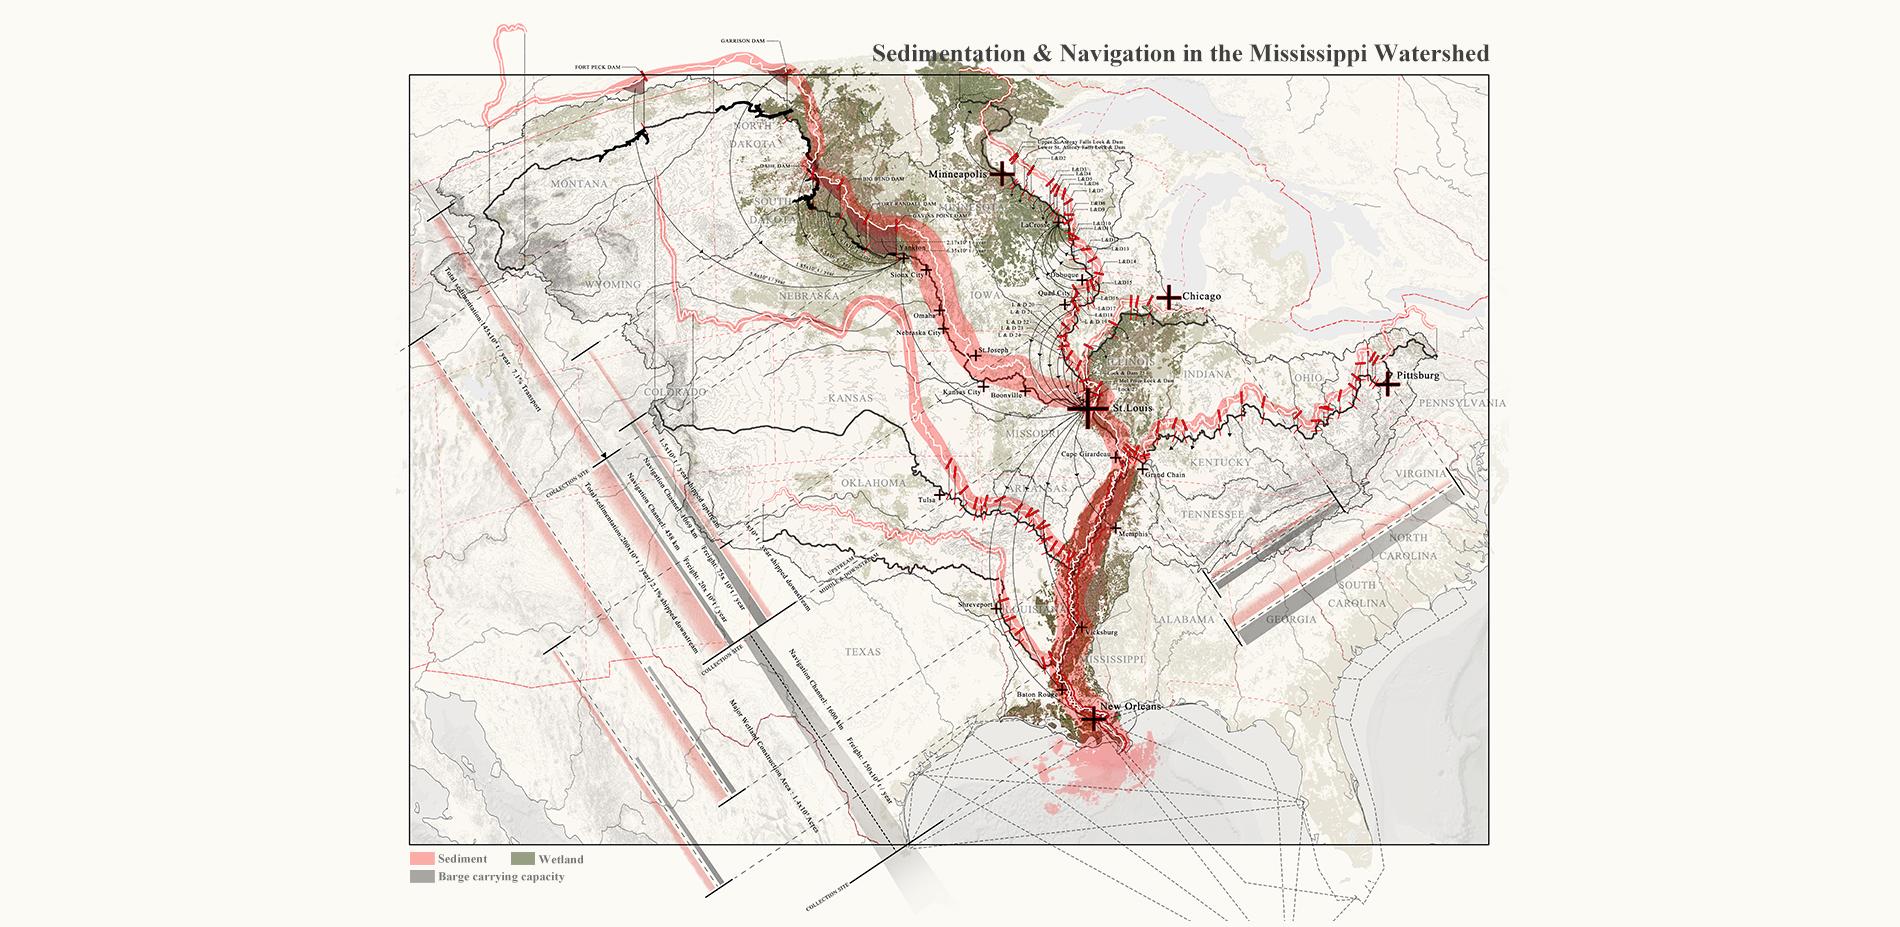 Sedimentation and navigation in the Mississippi River Basin